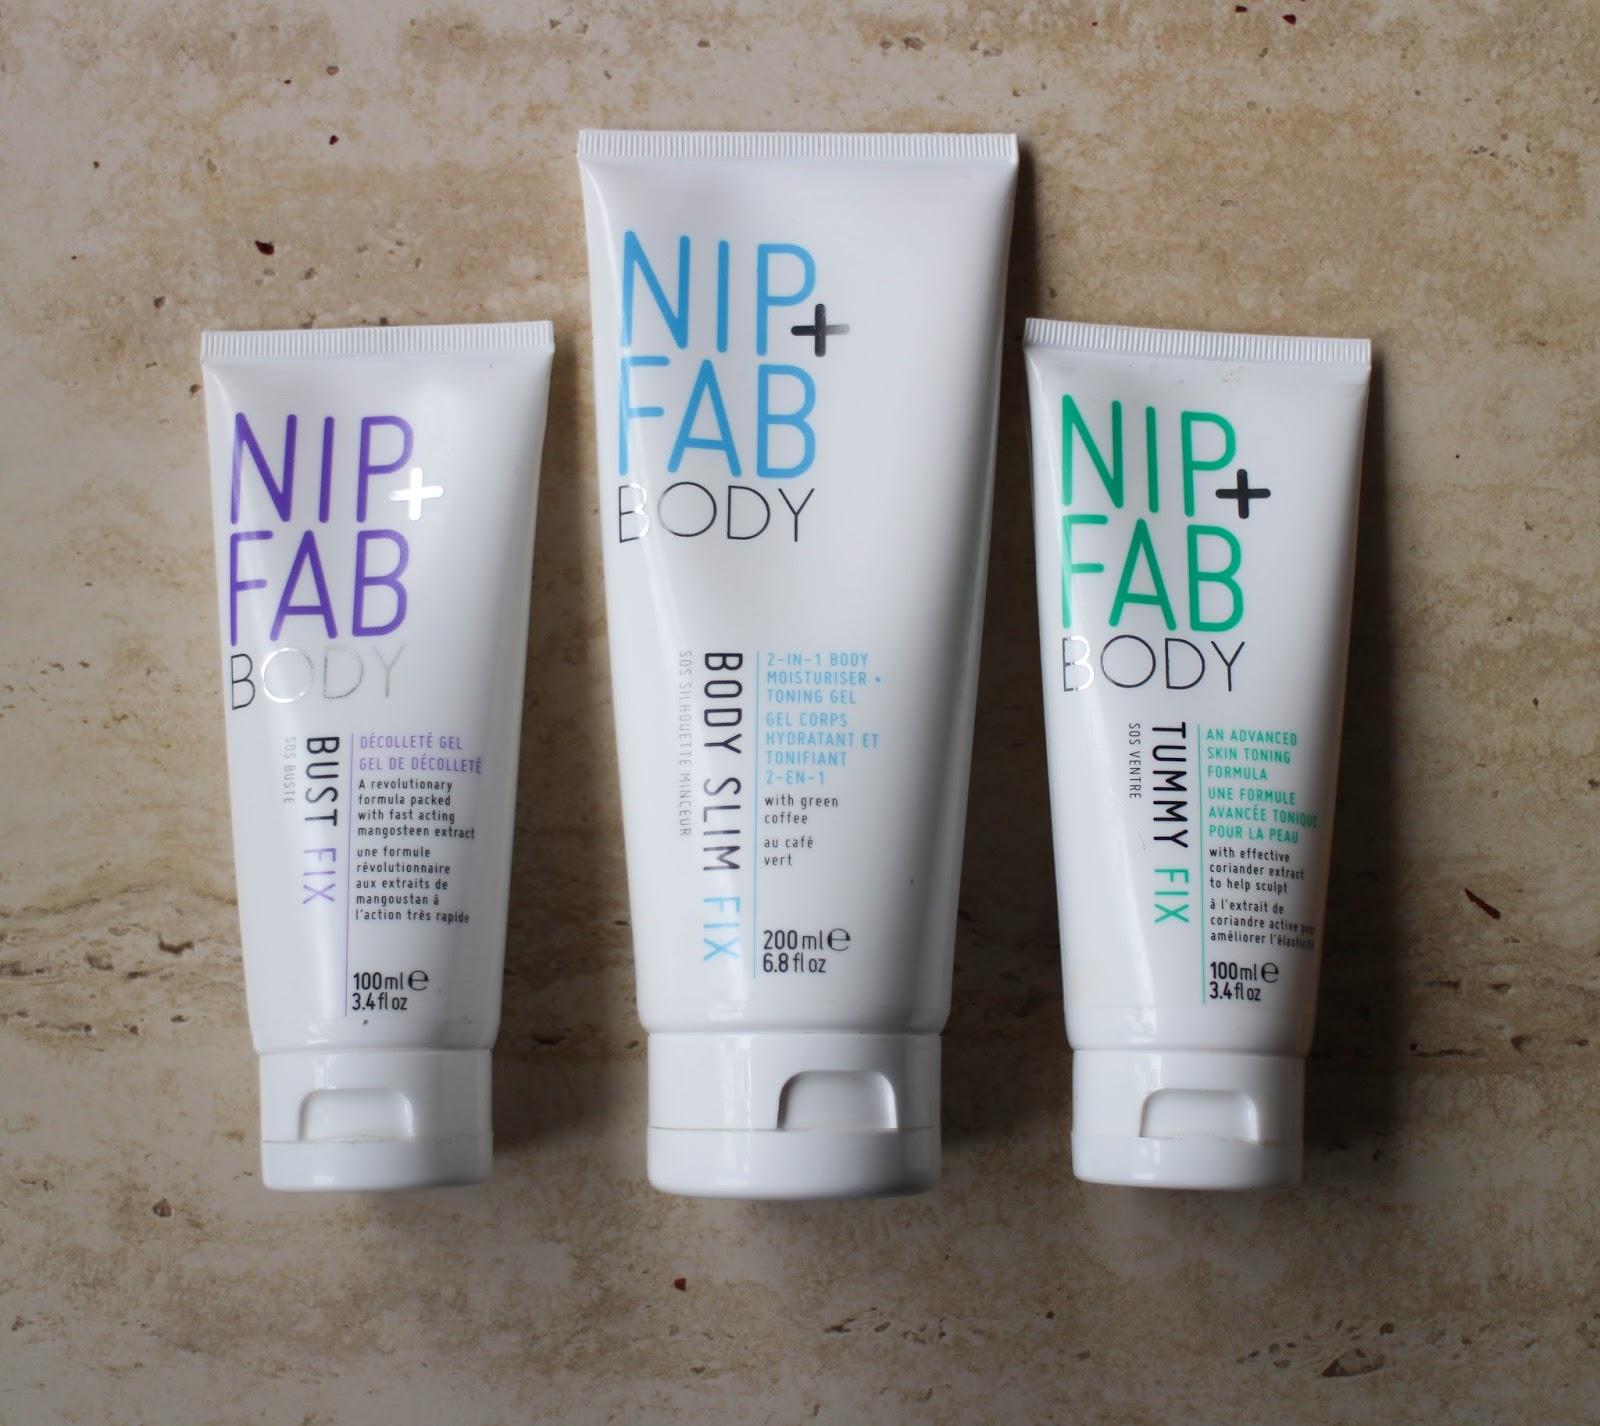 nip + fab body slim fix avis coups de brûleur de graisse